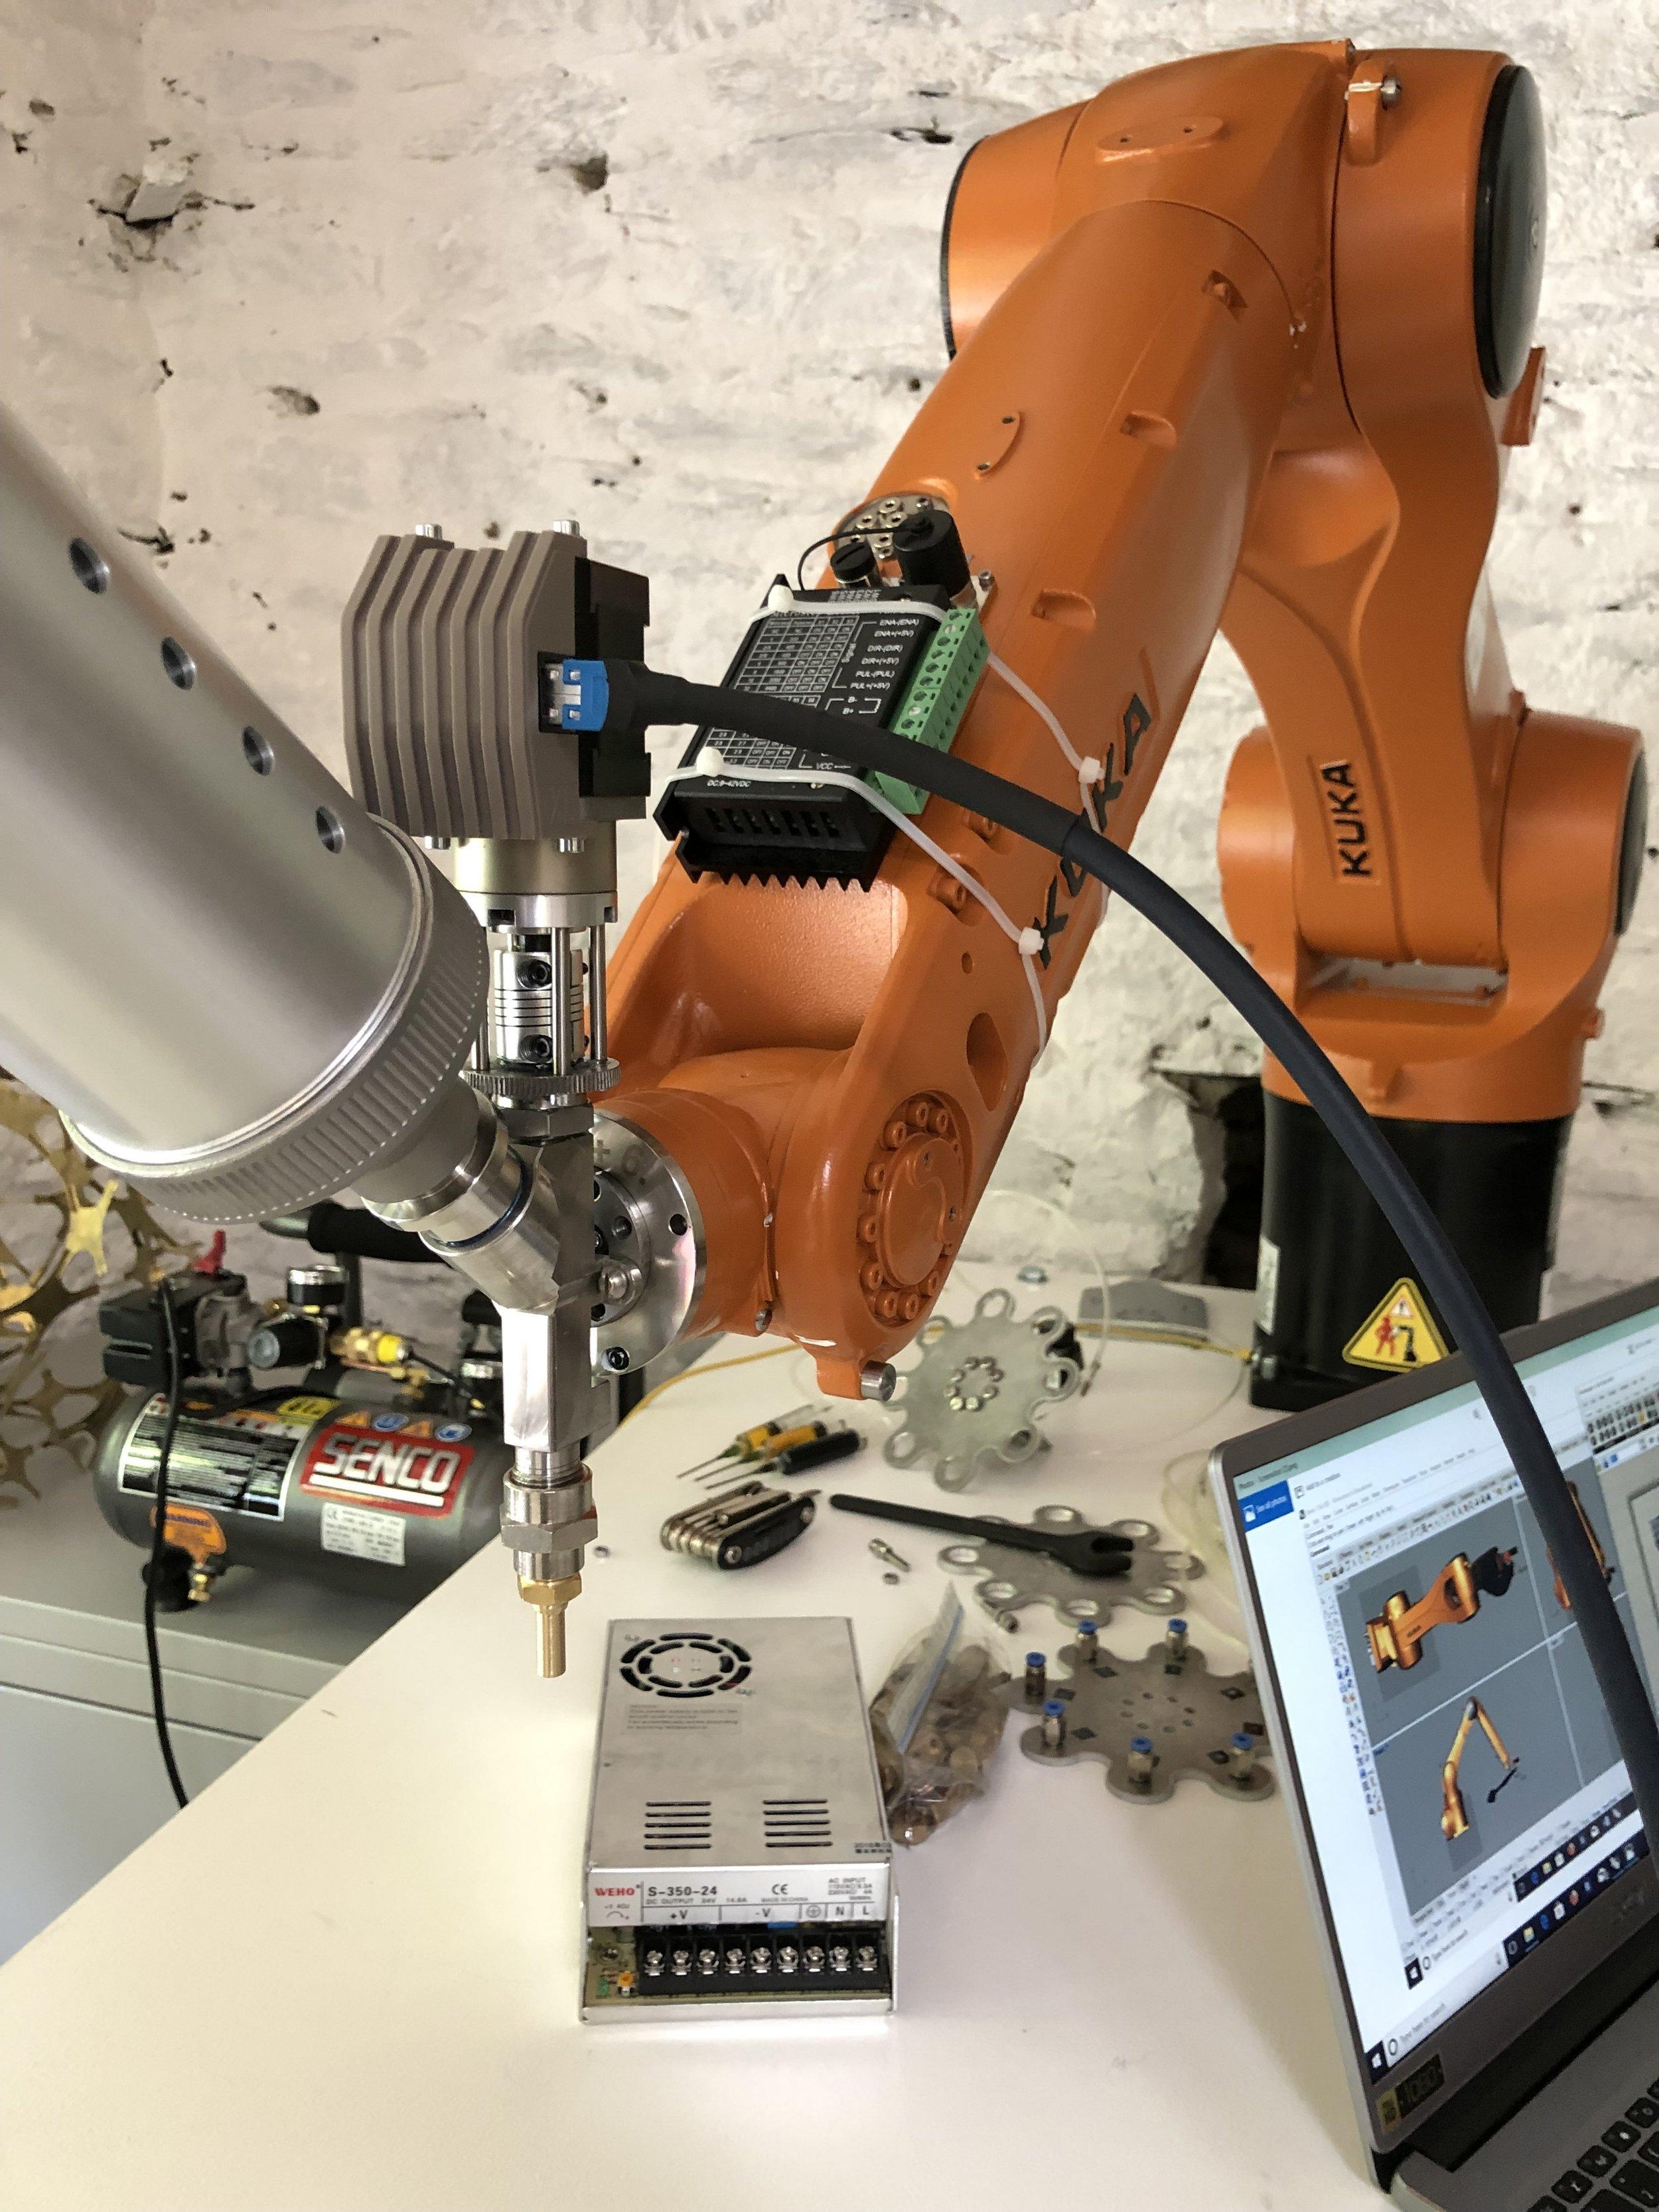 KUKA robot